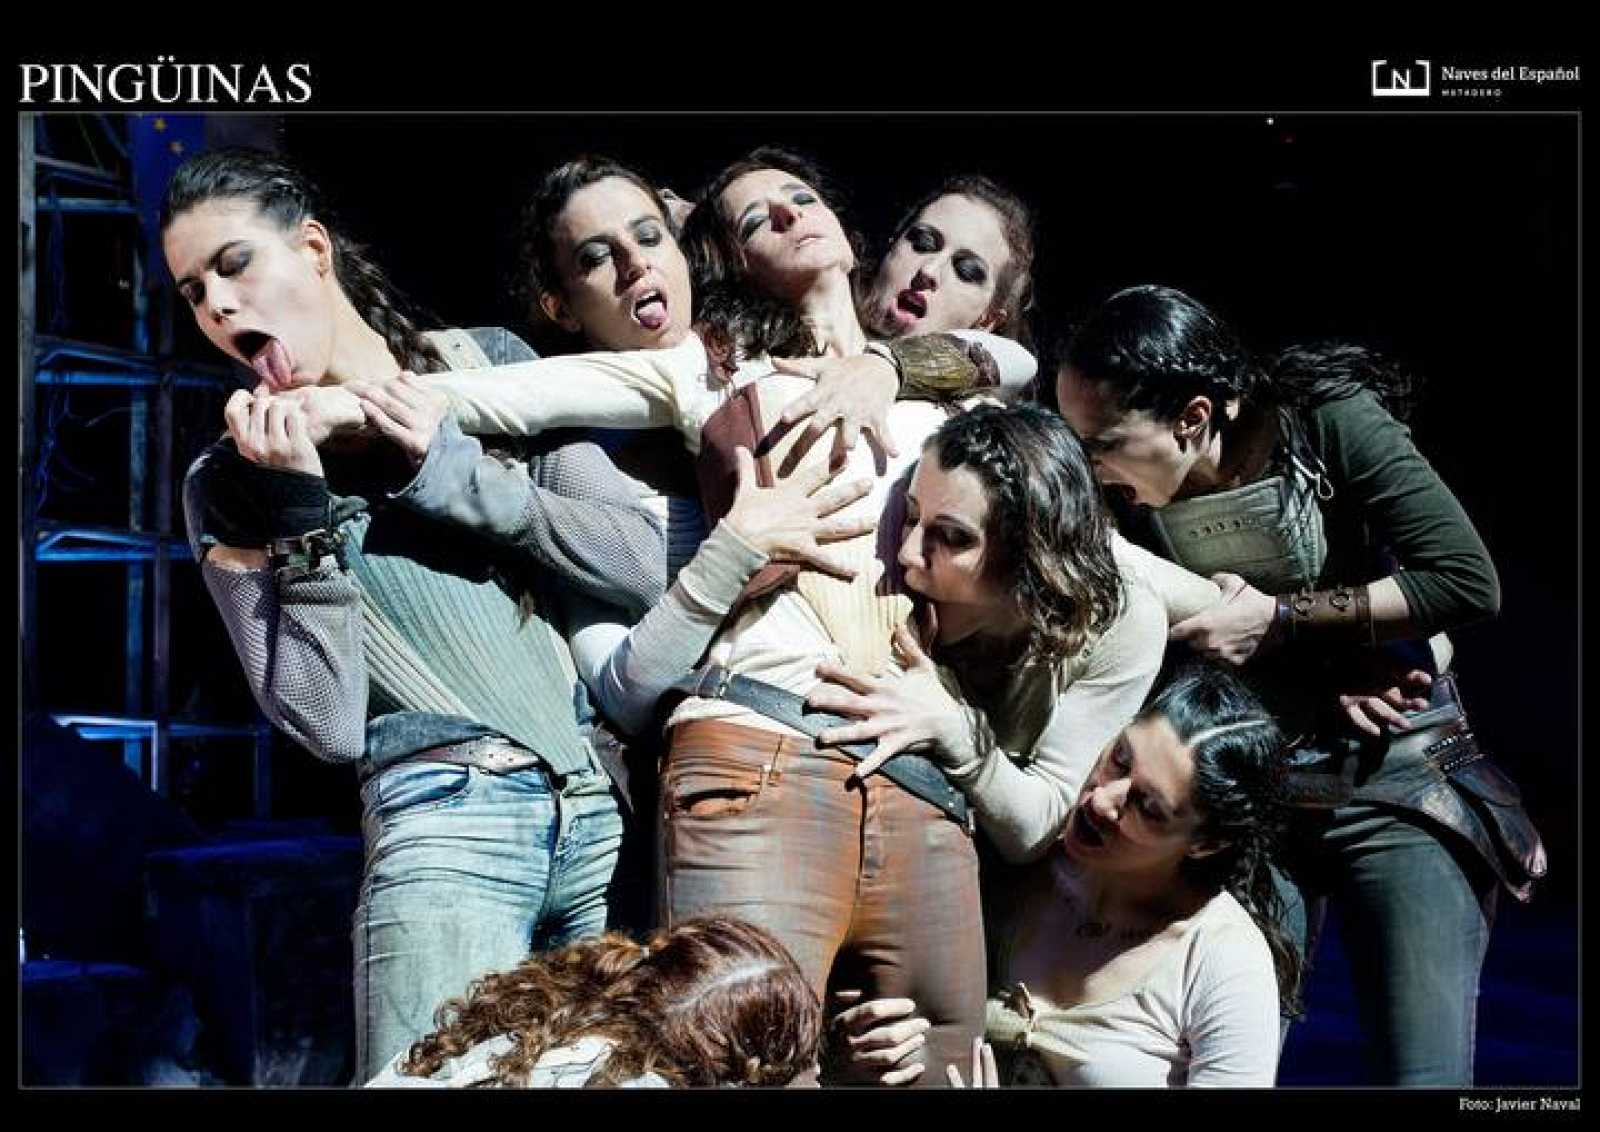 Fotografía de una Escena de 'Pingüinas', de Fernando Arrabal, dirigida por Juan Carlos Pérez de la Fuente en las Naves del Español.